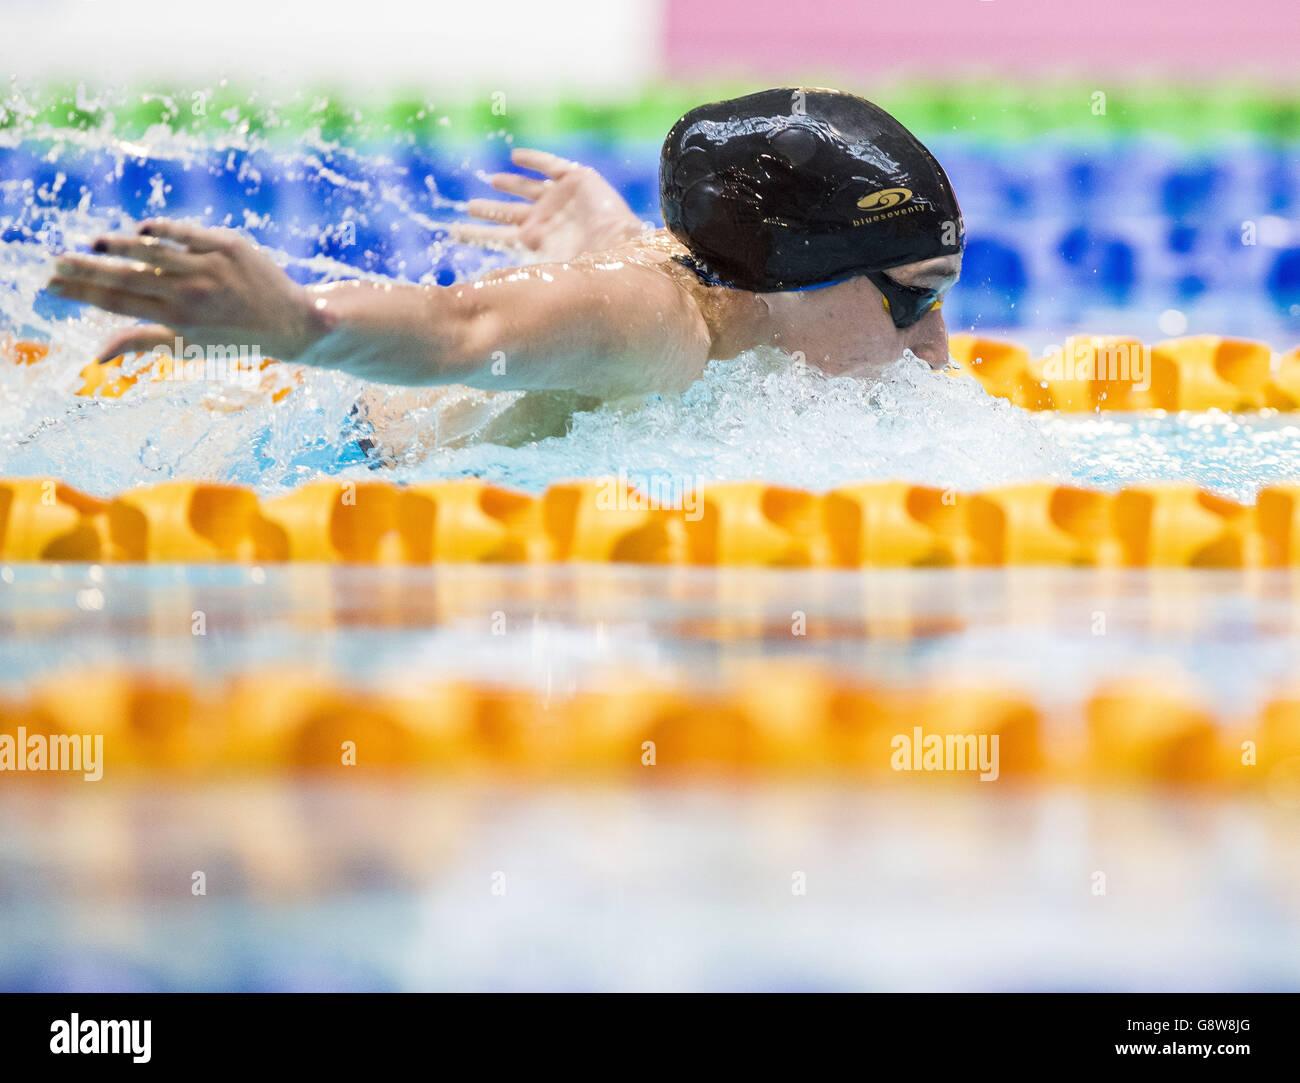 Campeonatos de natación británica - Día 3 - Tollcross Centro Internacional de Natación Imagen De Stock